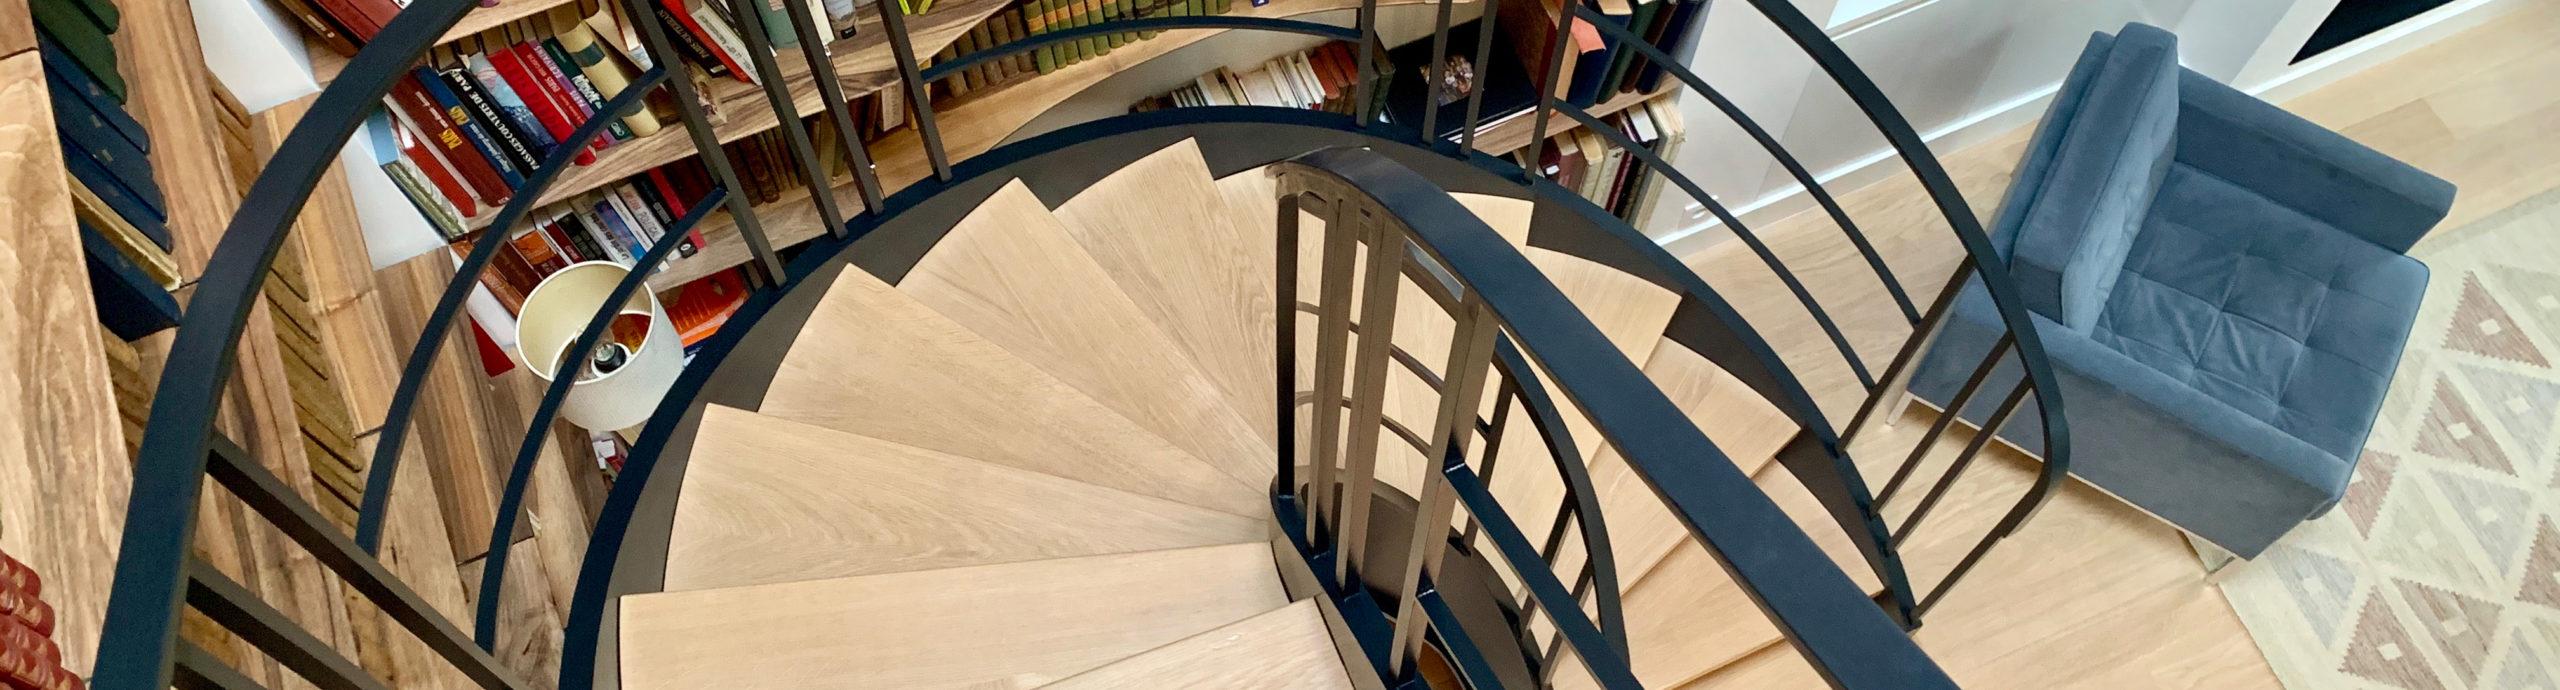 escalier metal et bois sur mesure